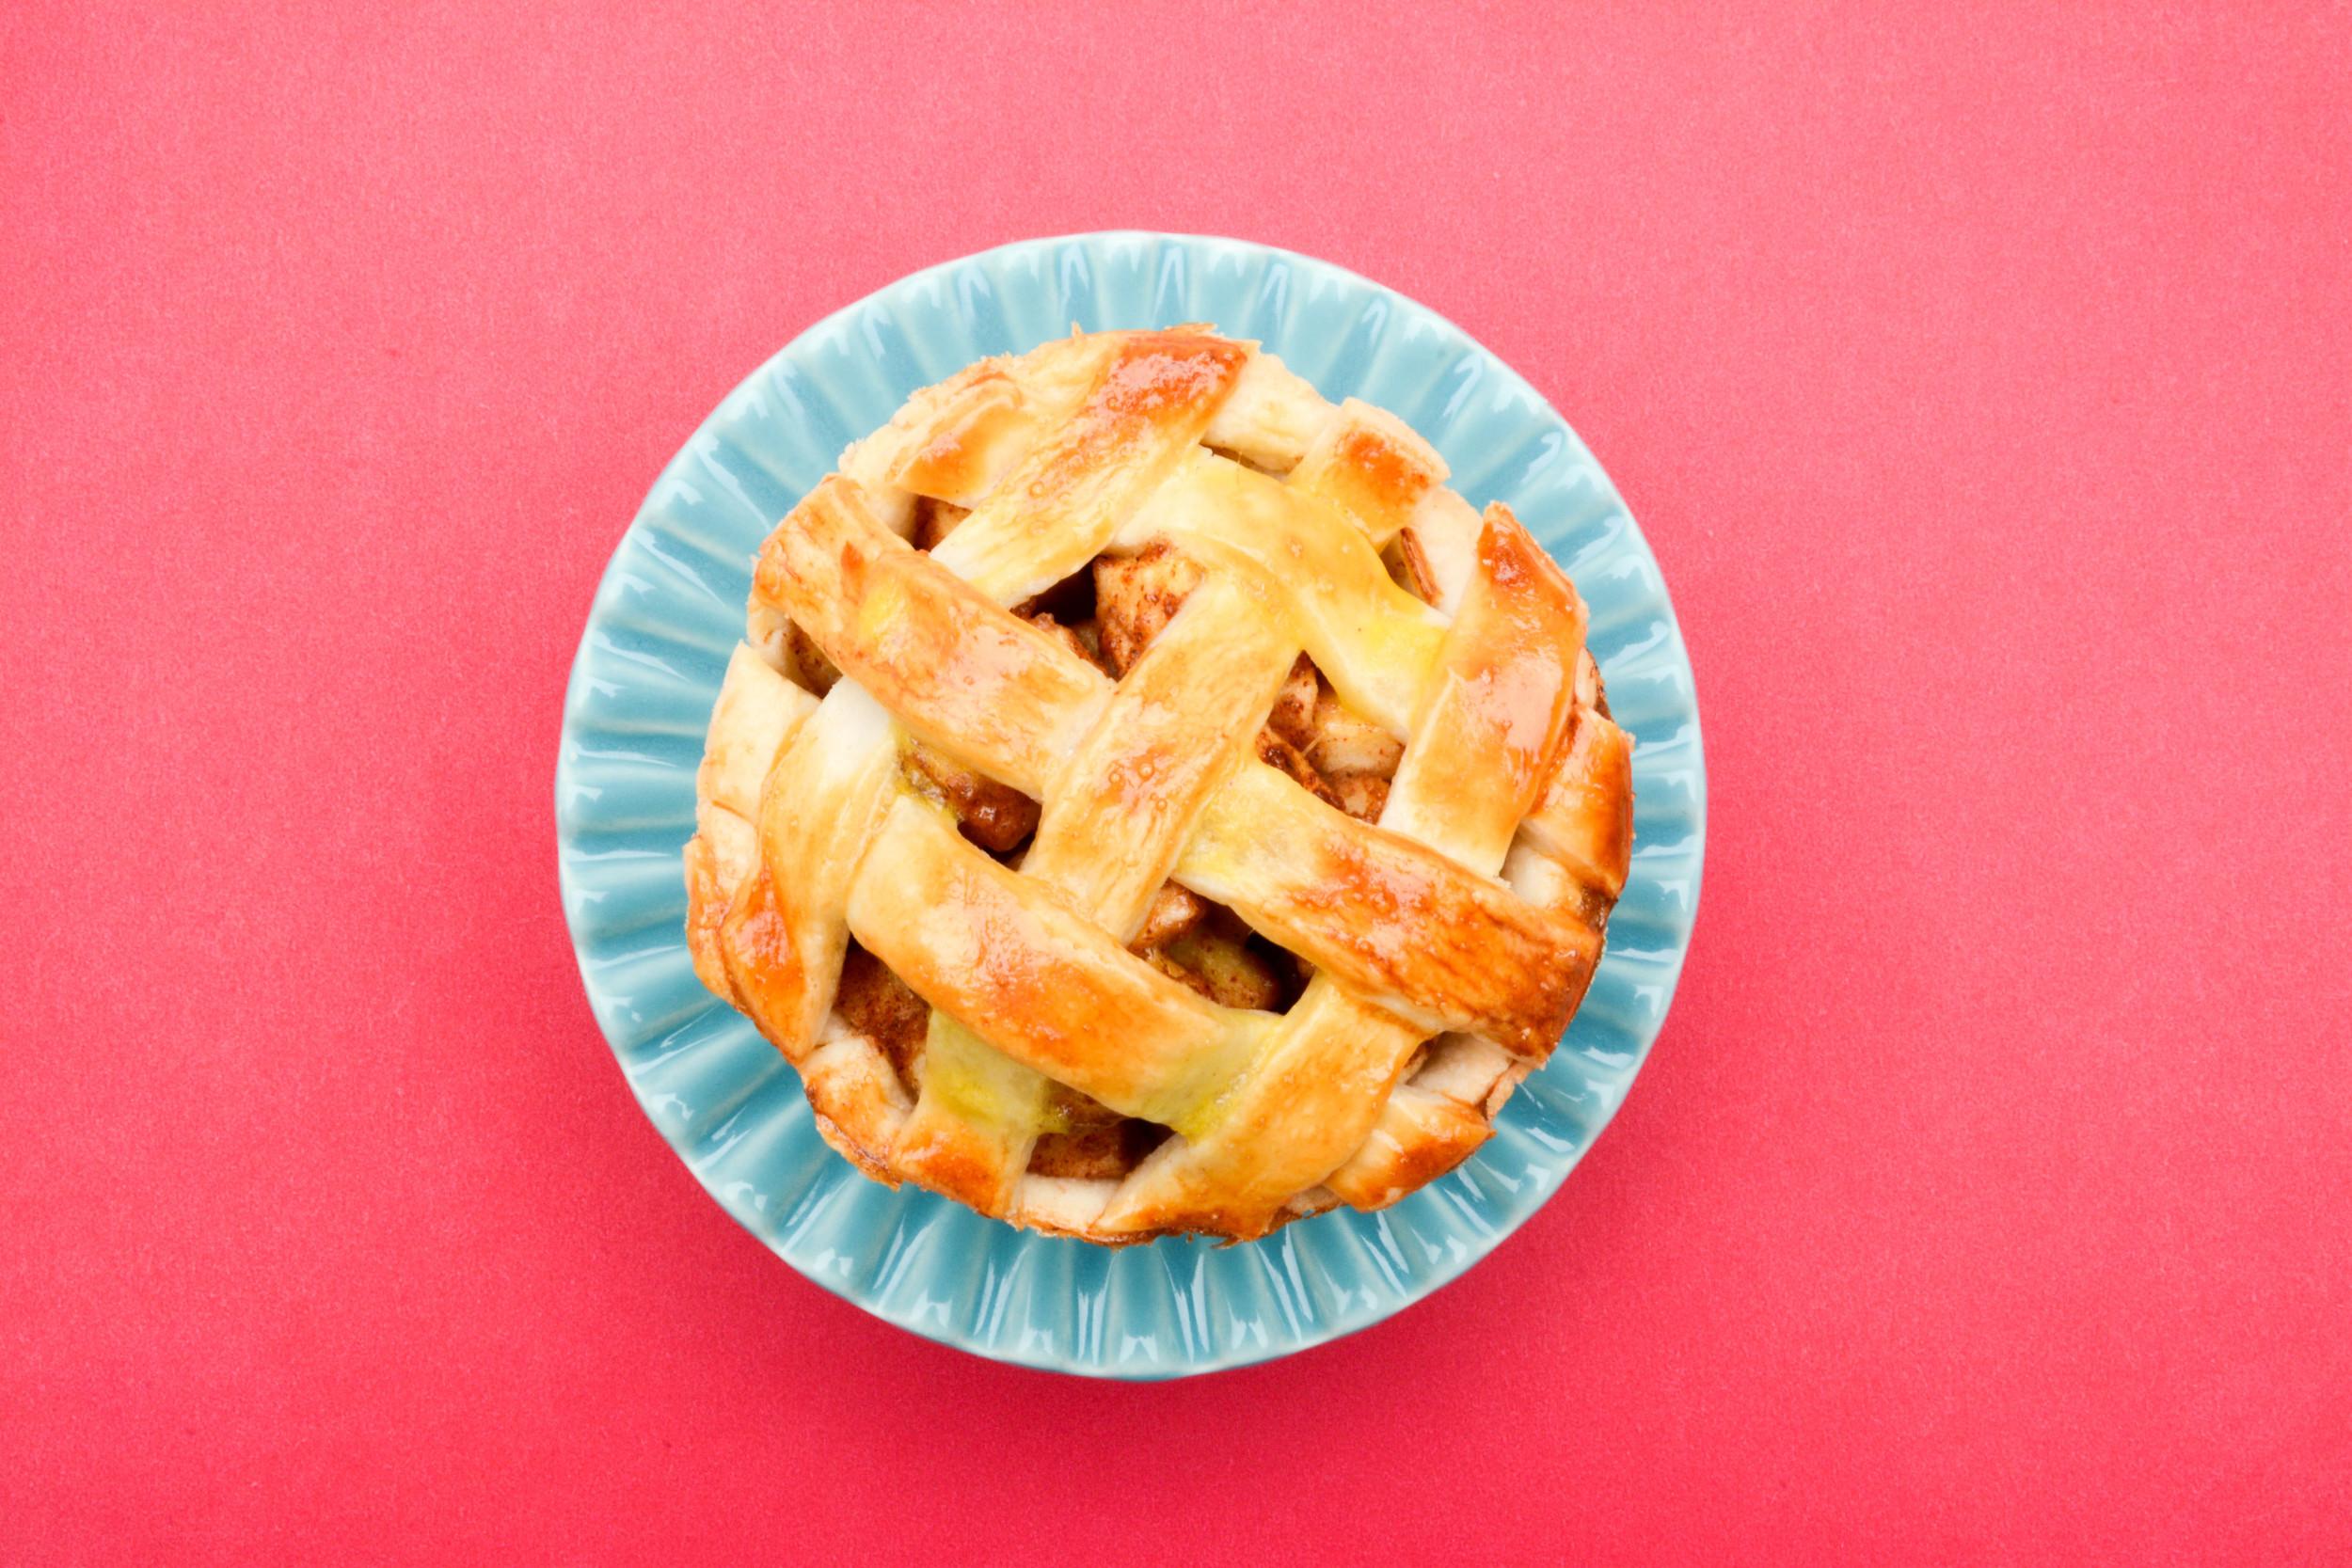 Petite Lattice Pie